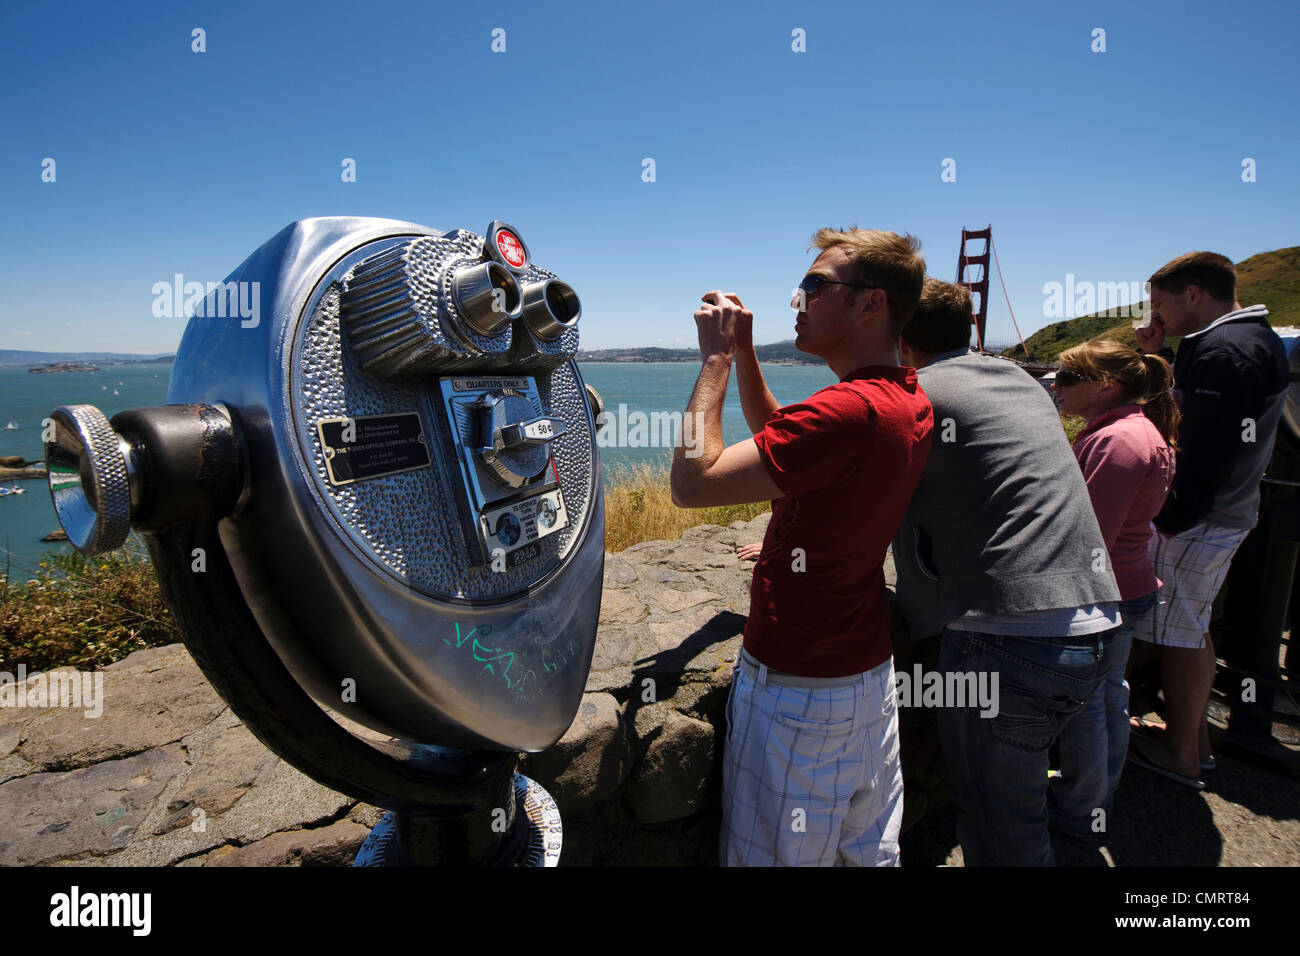 Turistas y telescopio Golden Gate Bridge de Marin County California Pacific Coast Highway costa Surf Mar NorCal Foto de stock